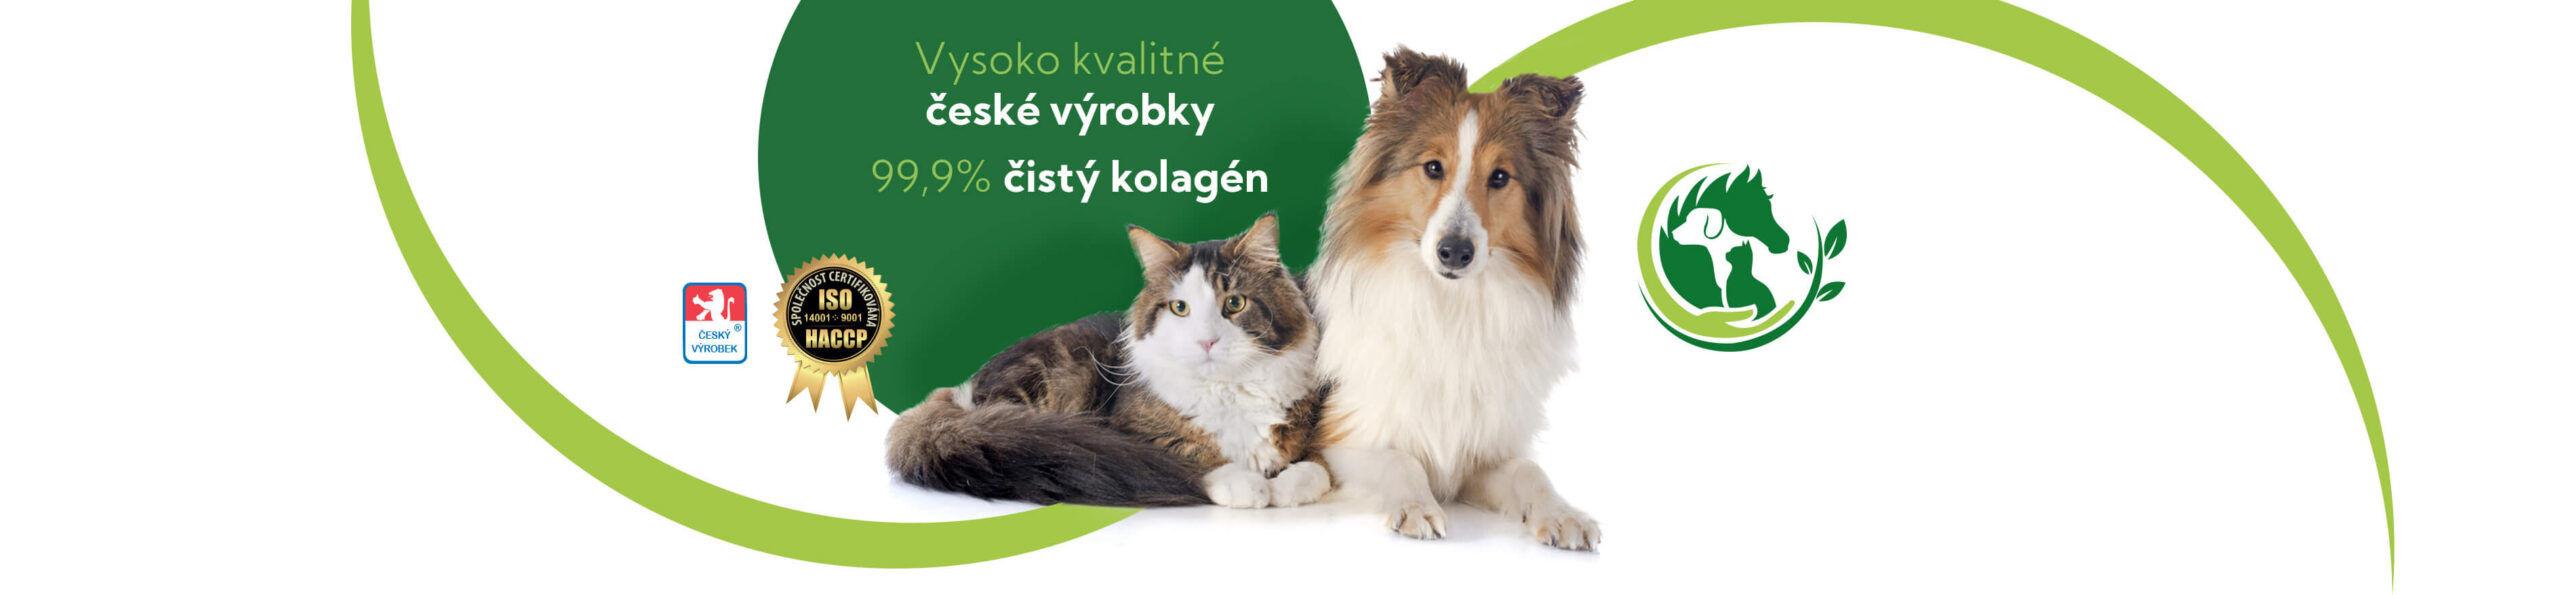 colafit vet